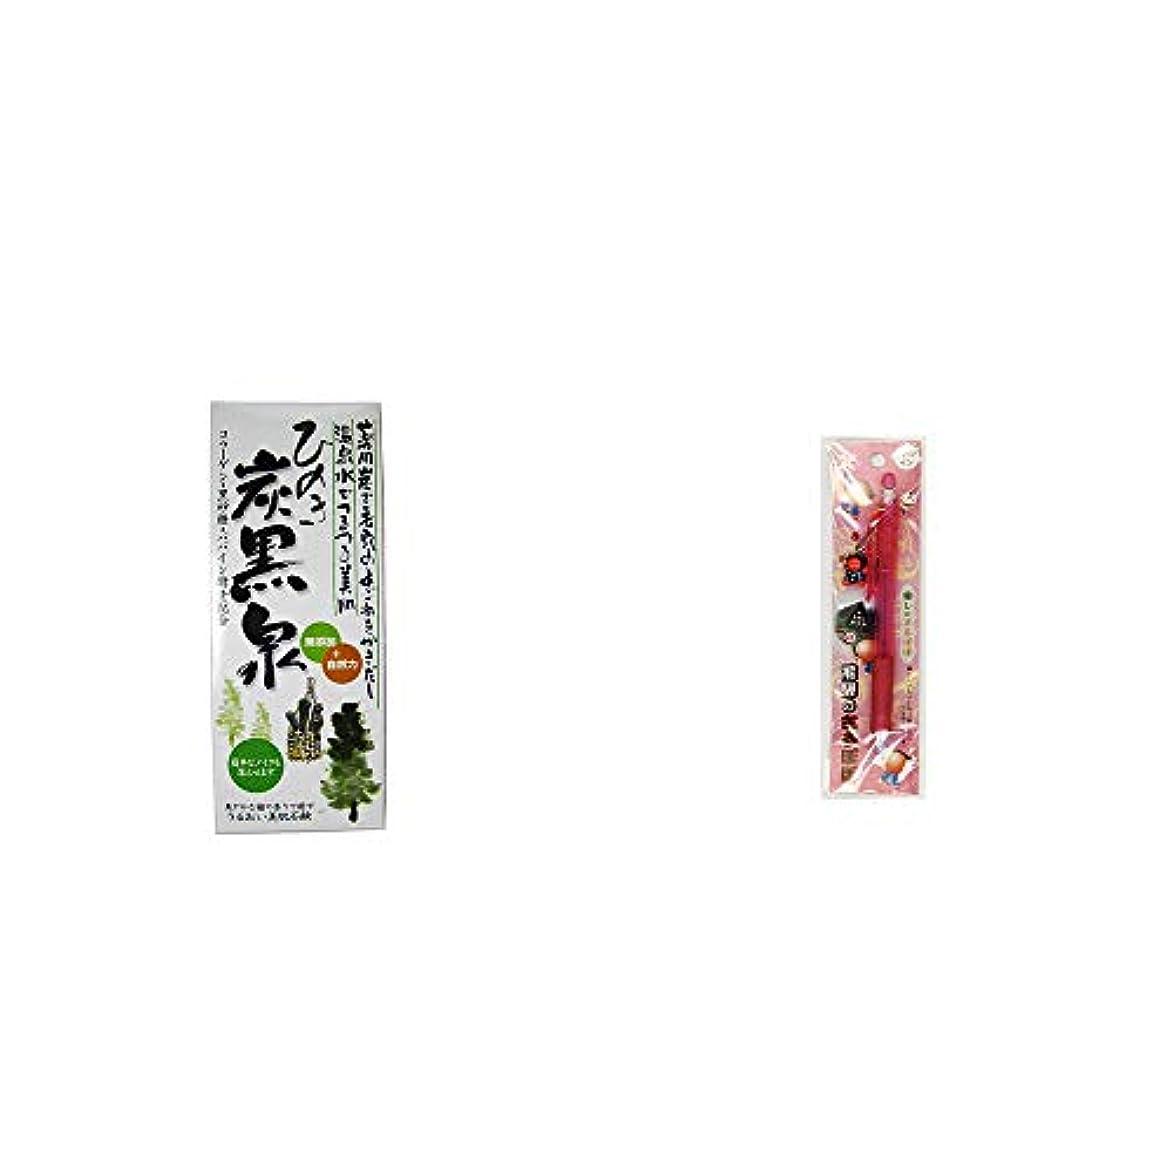 耕す審判暖かく[2点セット] ひのき炭黒泉 箱入り(75g×3)?さるぼぼ 癒しシャープペン 【ピンク】